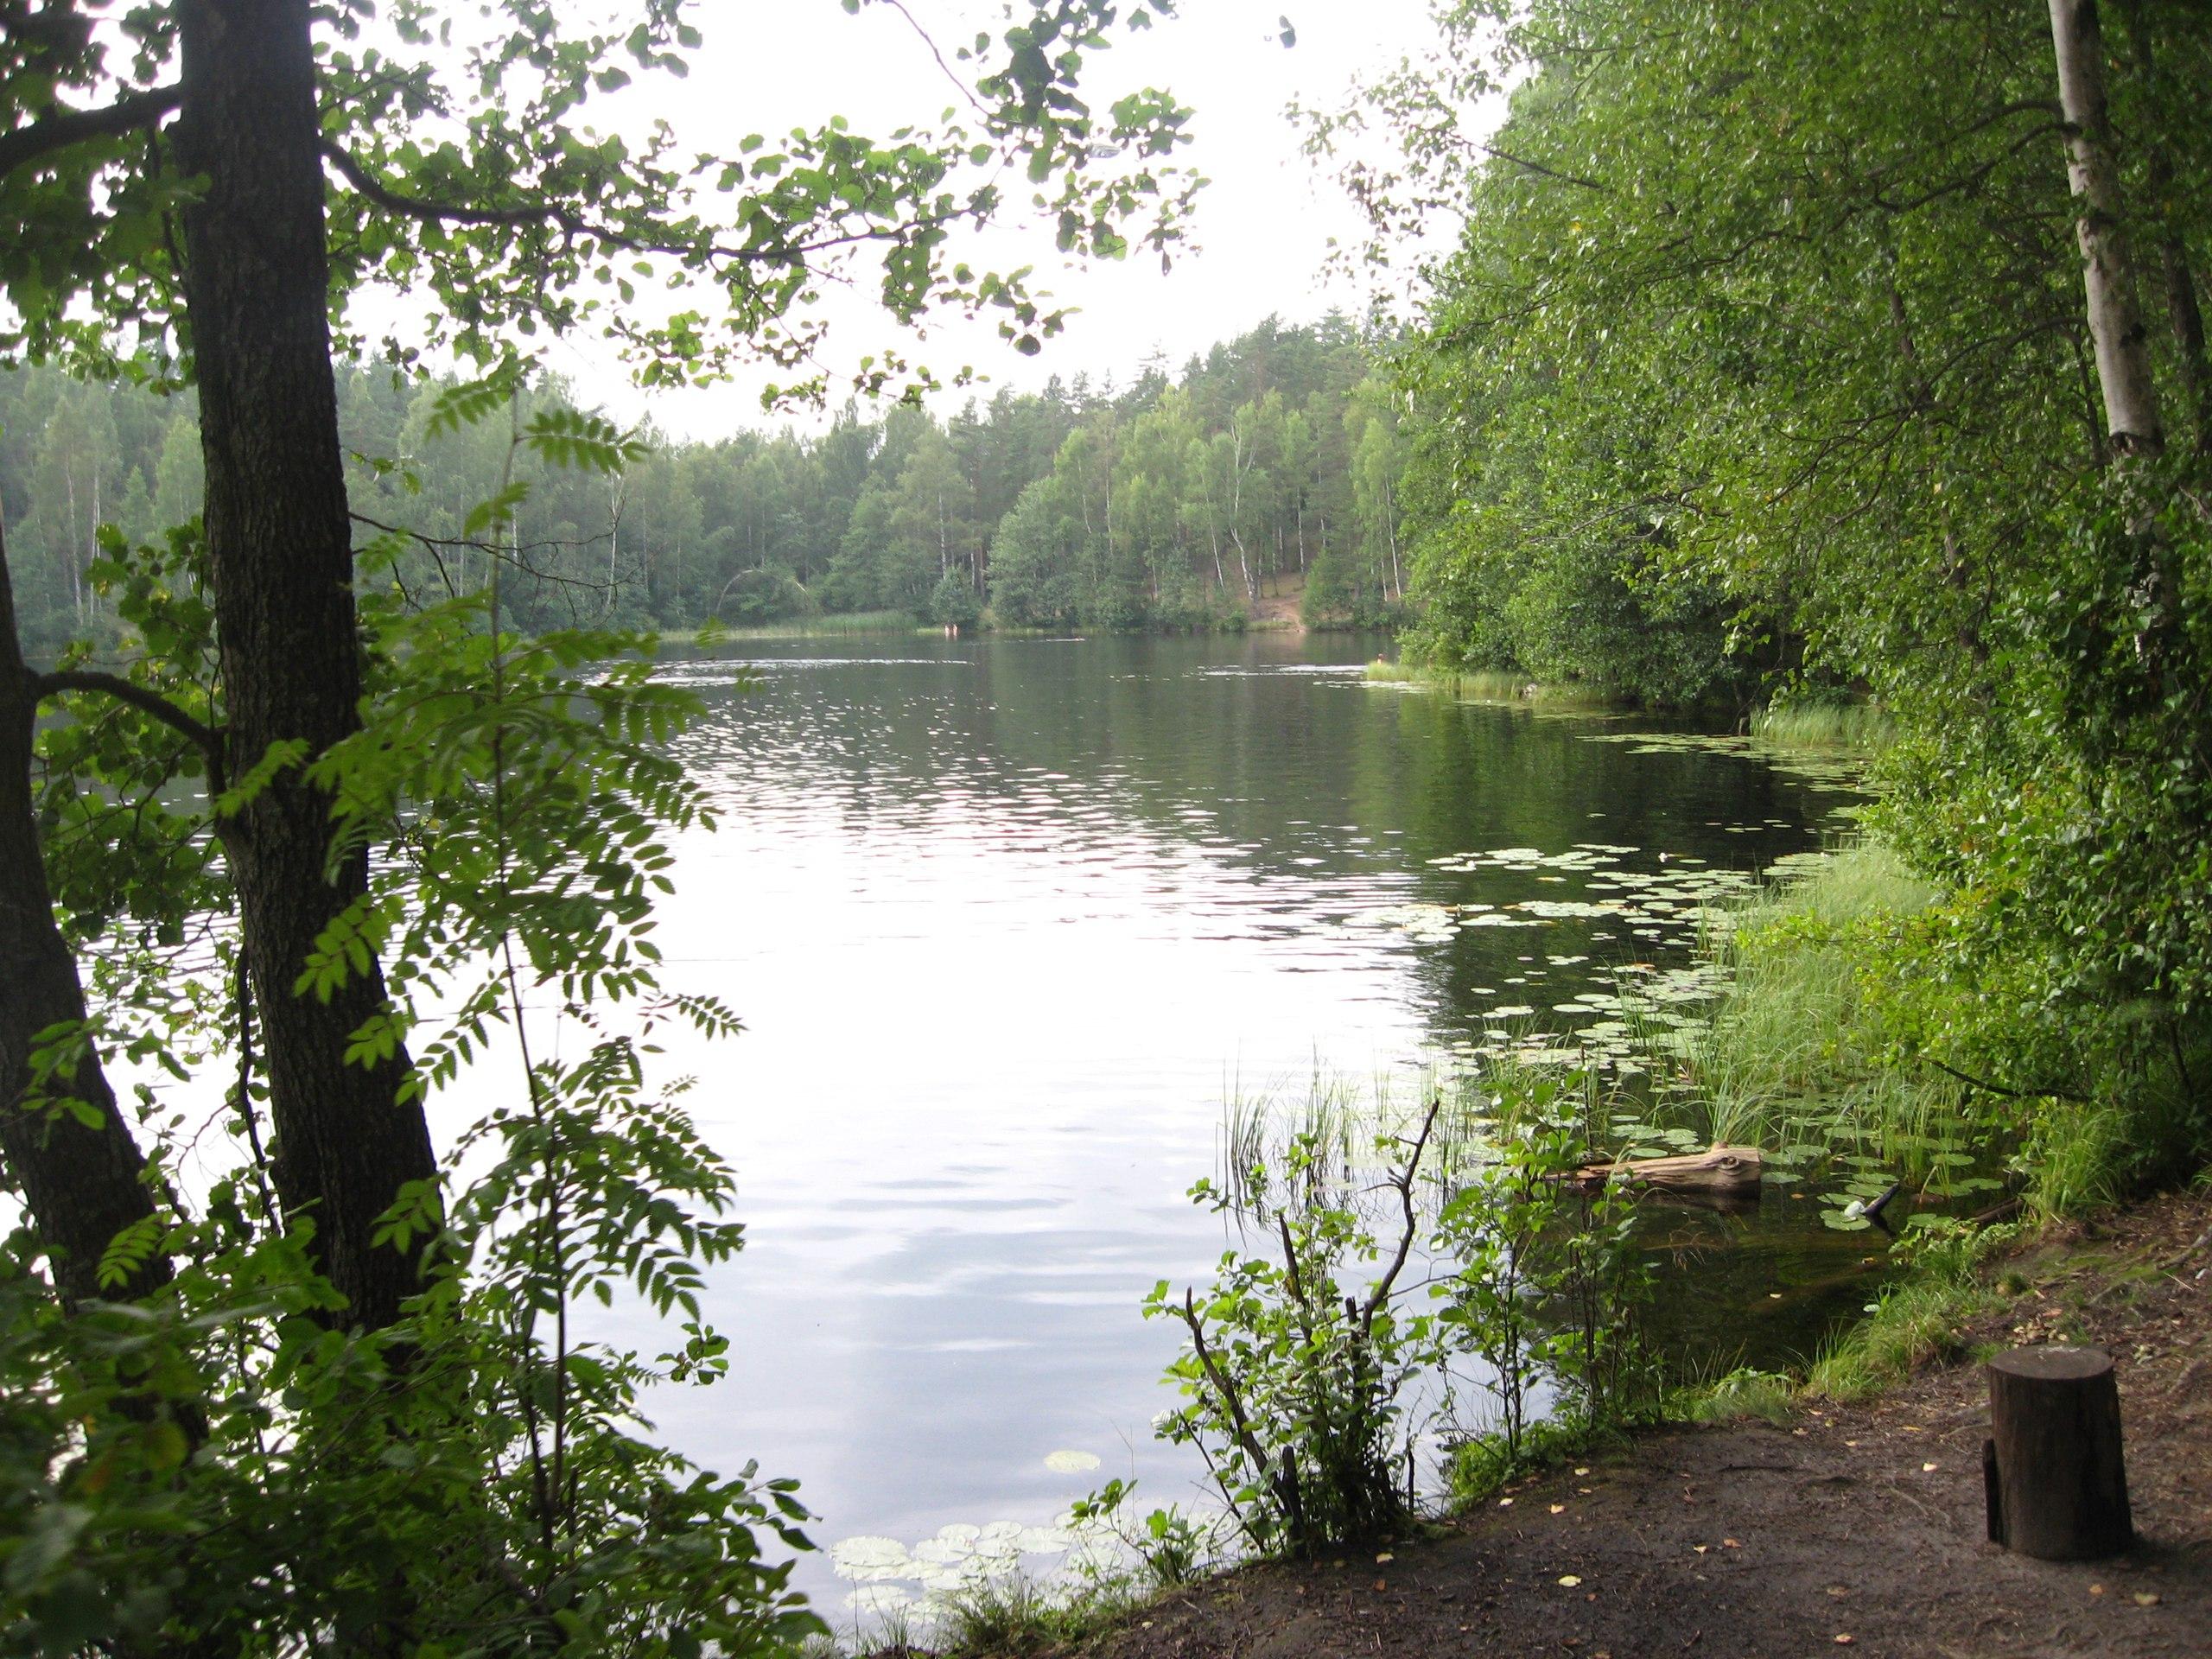 озеро дружинное фото для очищения негатива